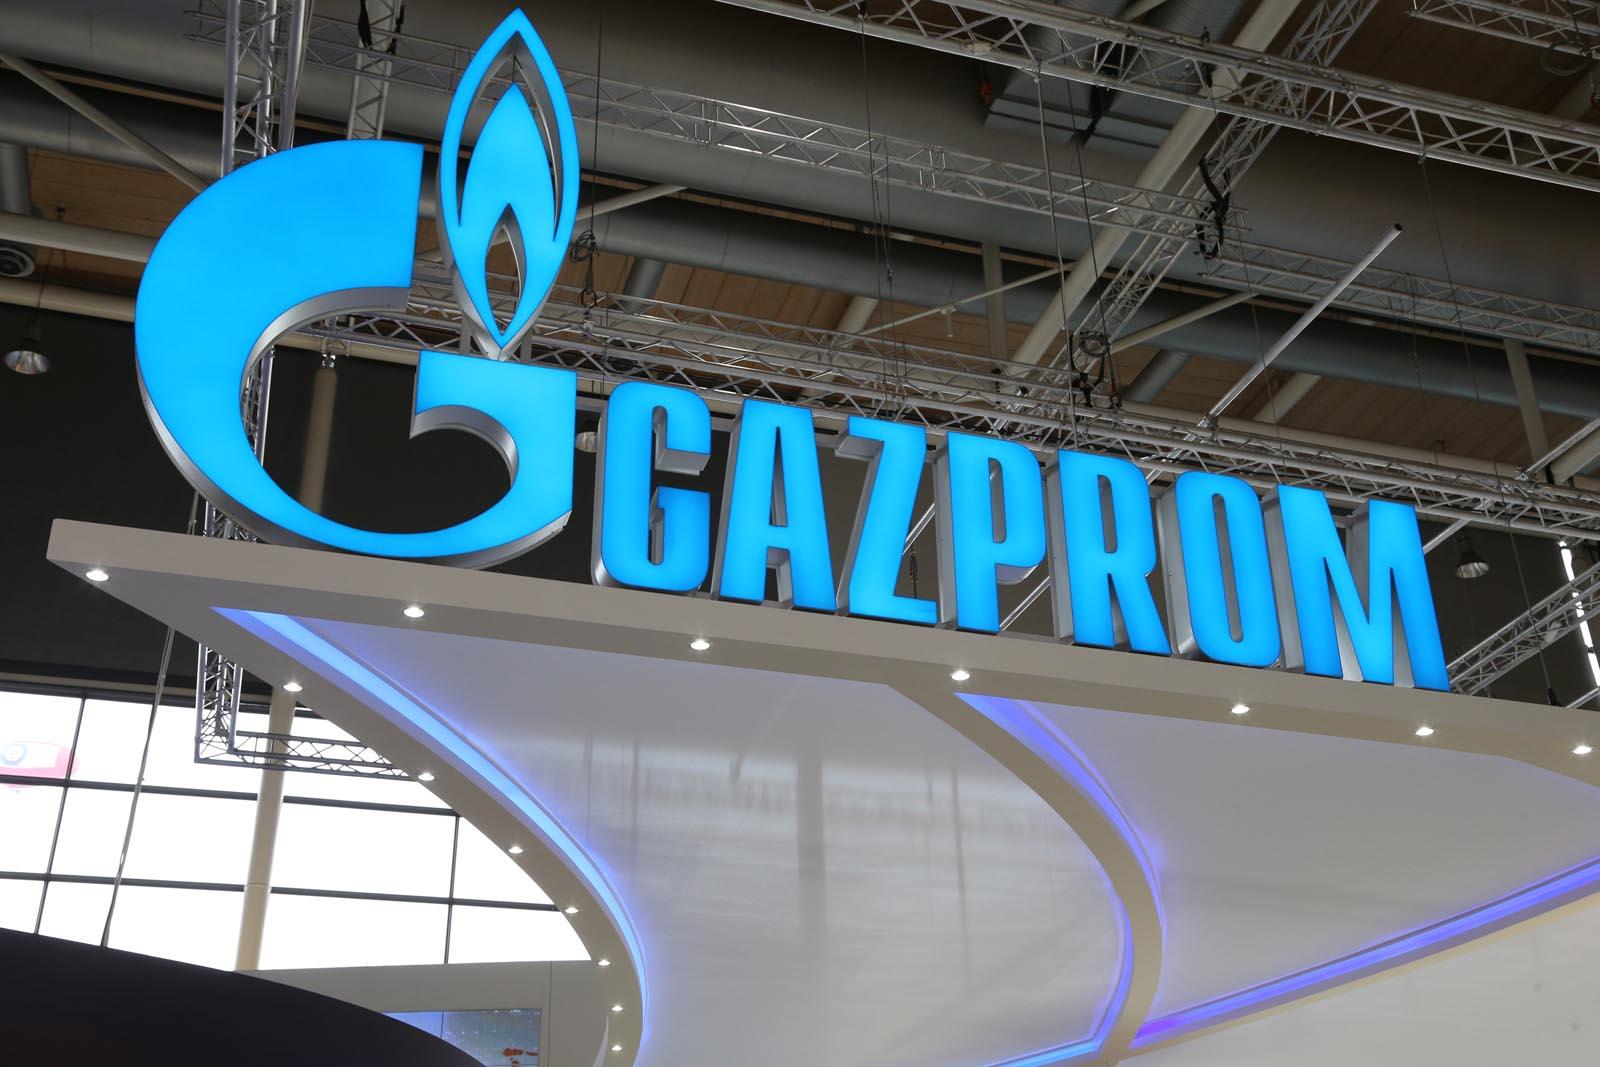 Акции газпрома - как можно получать прибыль с их помощью?